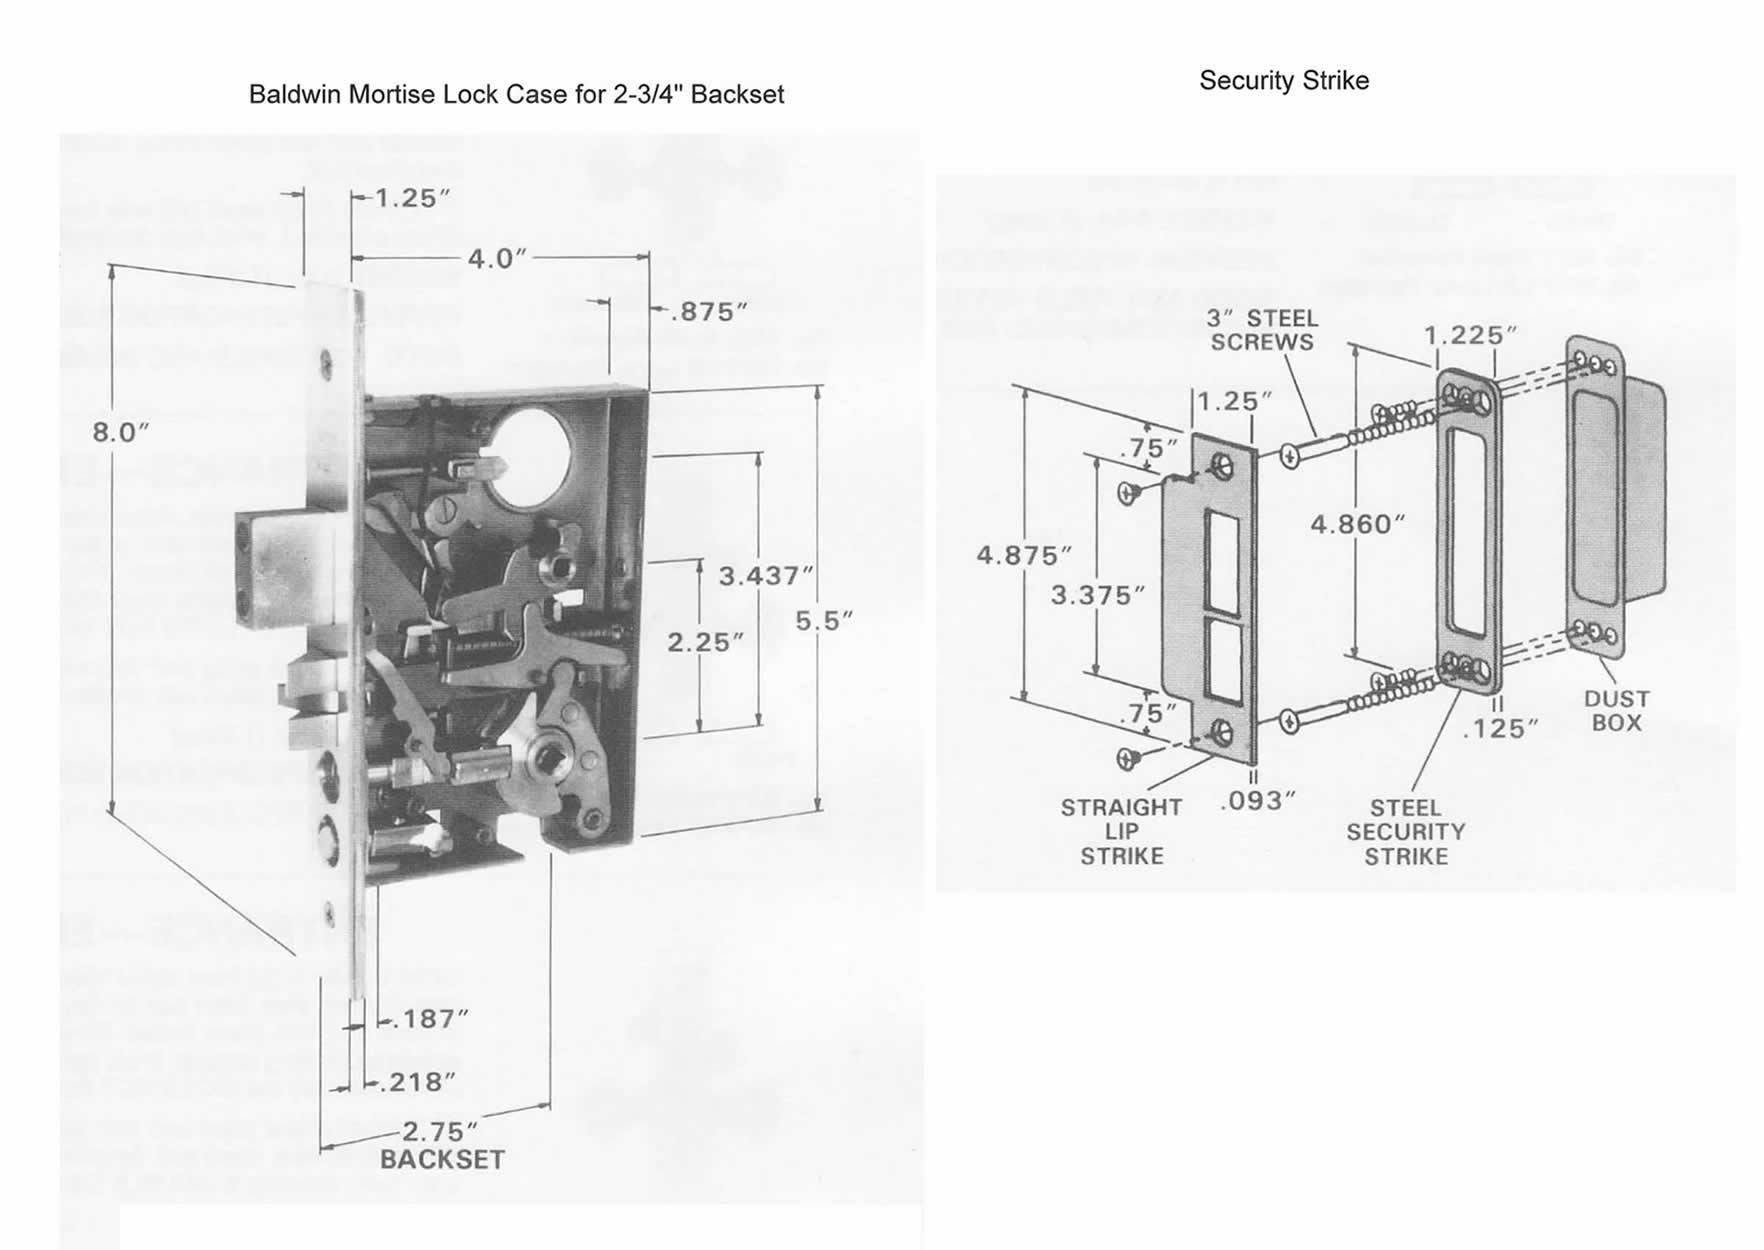 baldwin mortise lock parts diagram